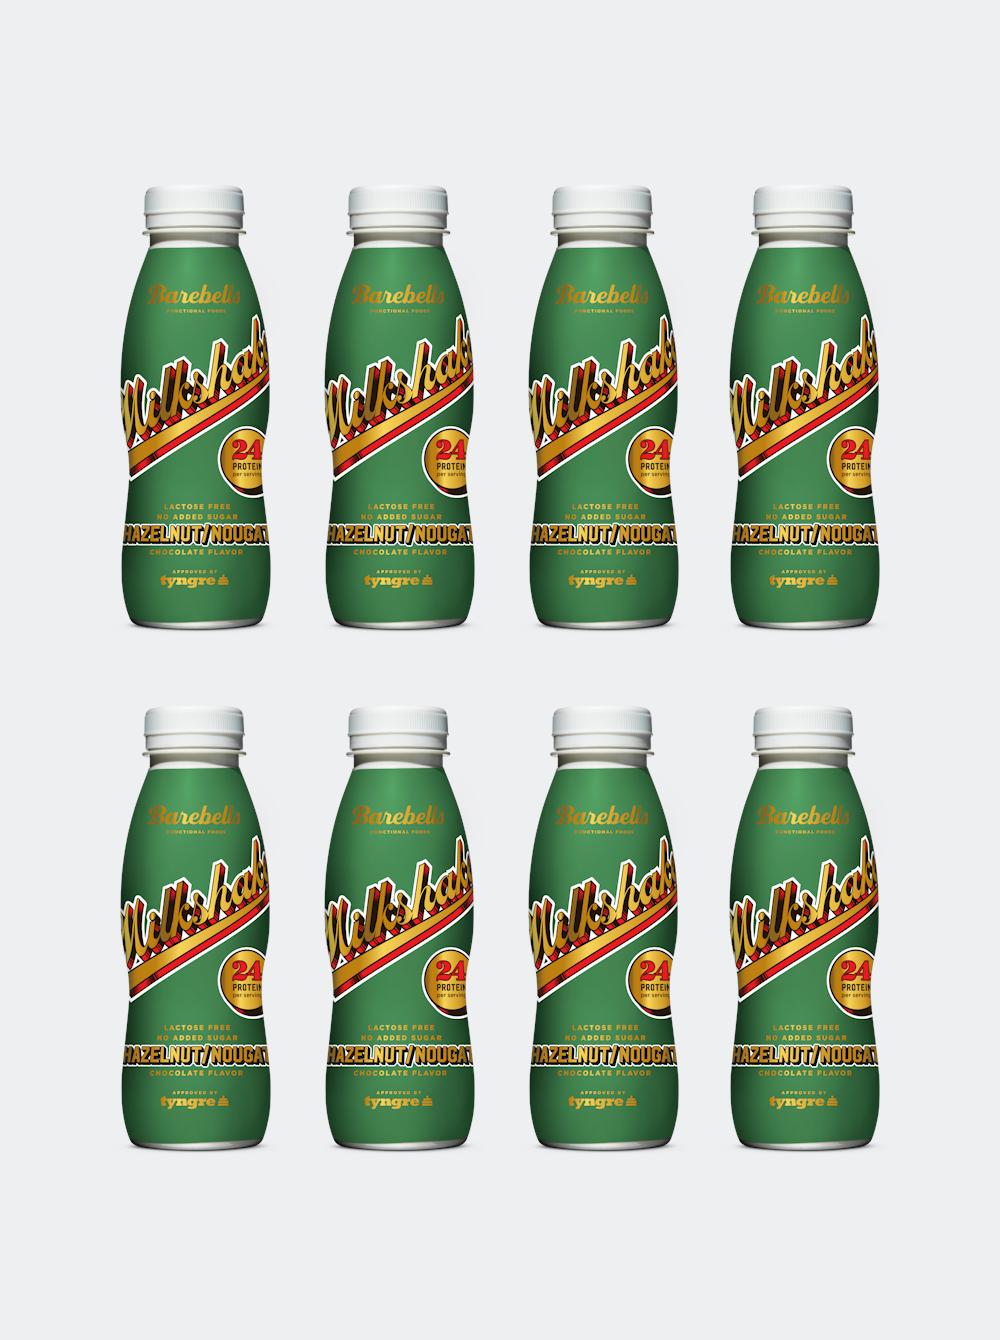 Barebells Milkshake Hazelnut Nougat 8-pack